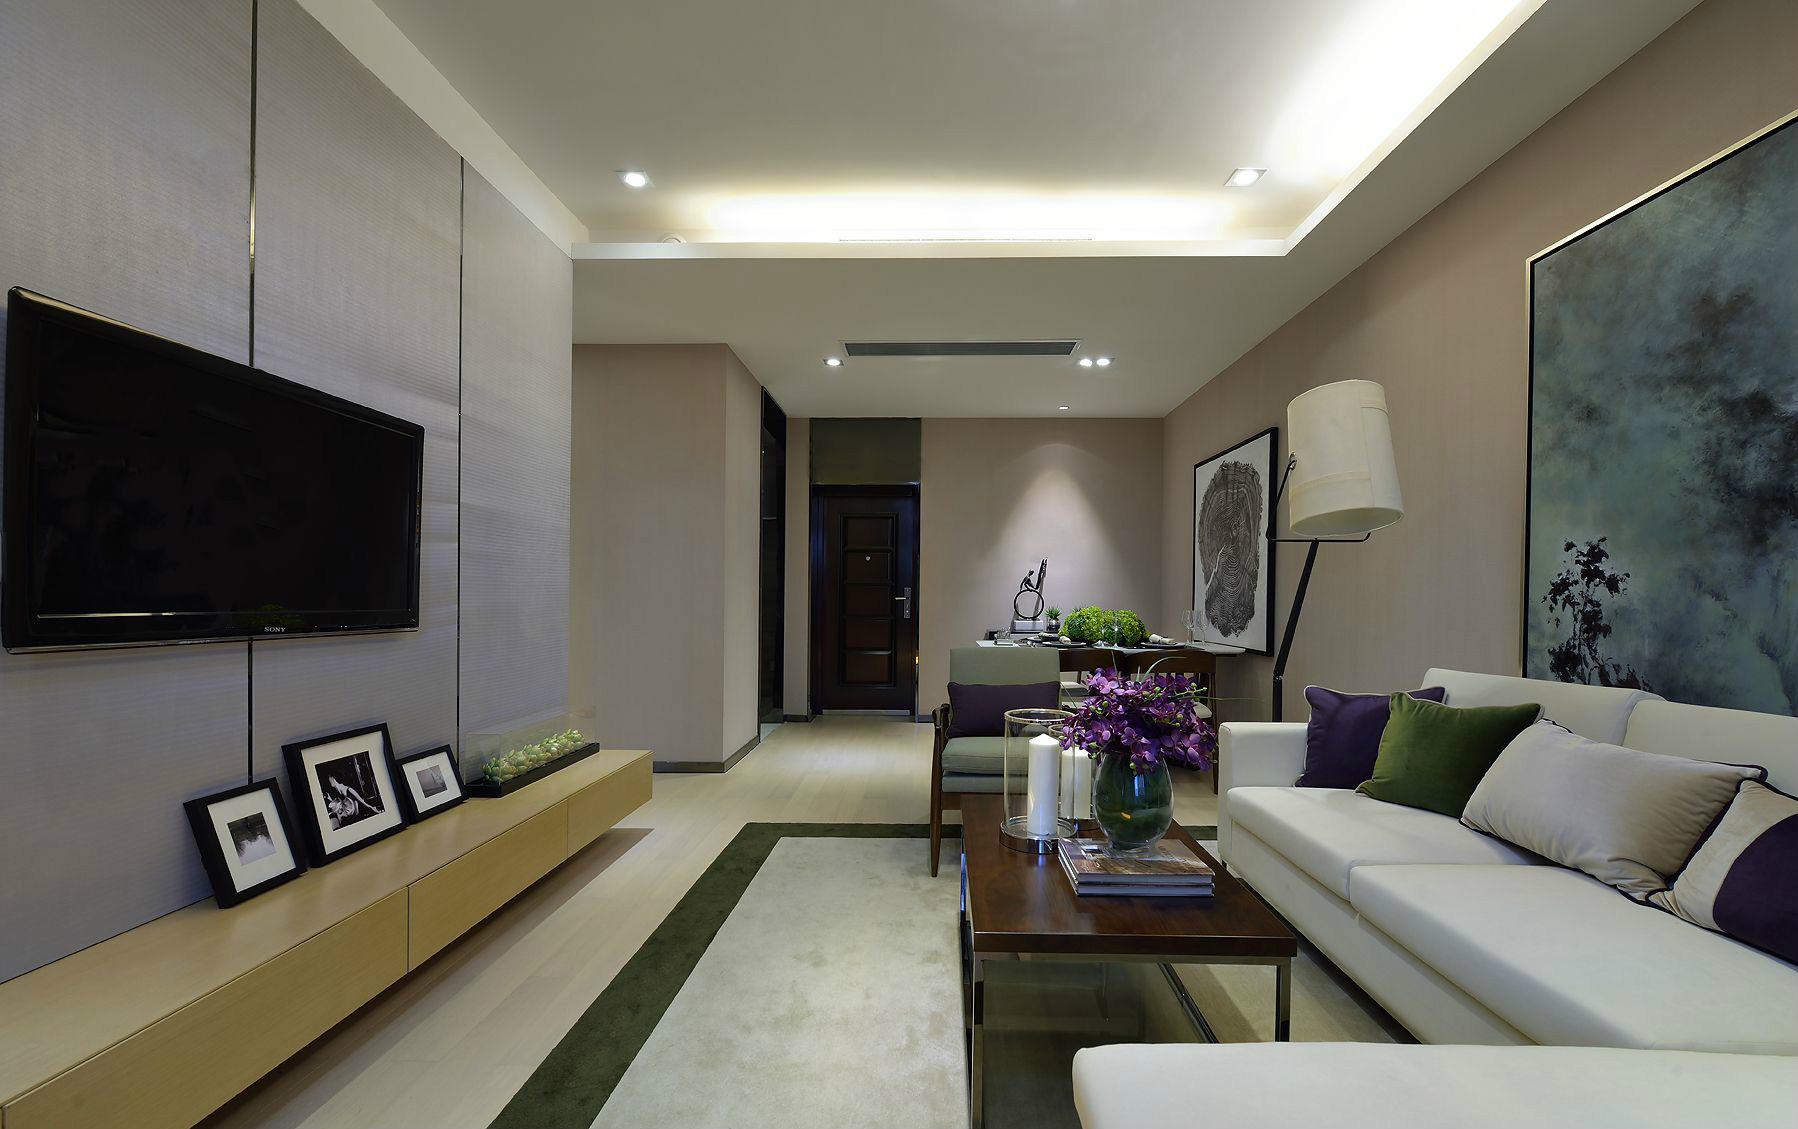 简约 现代 三居 大户型 复式 跃层 80后 小资 白领 客厅图片来自高度国际姚吉智在140平米现代简约三居向往的生活的分享